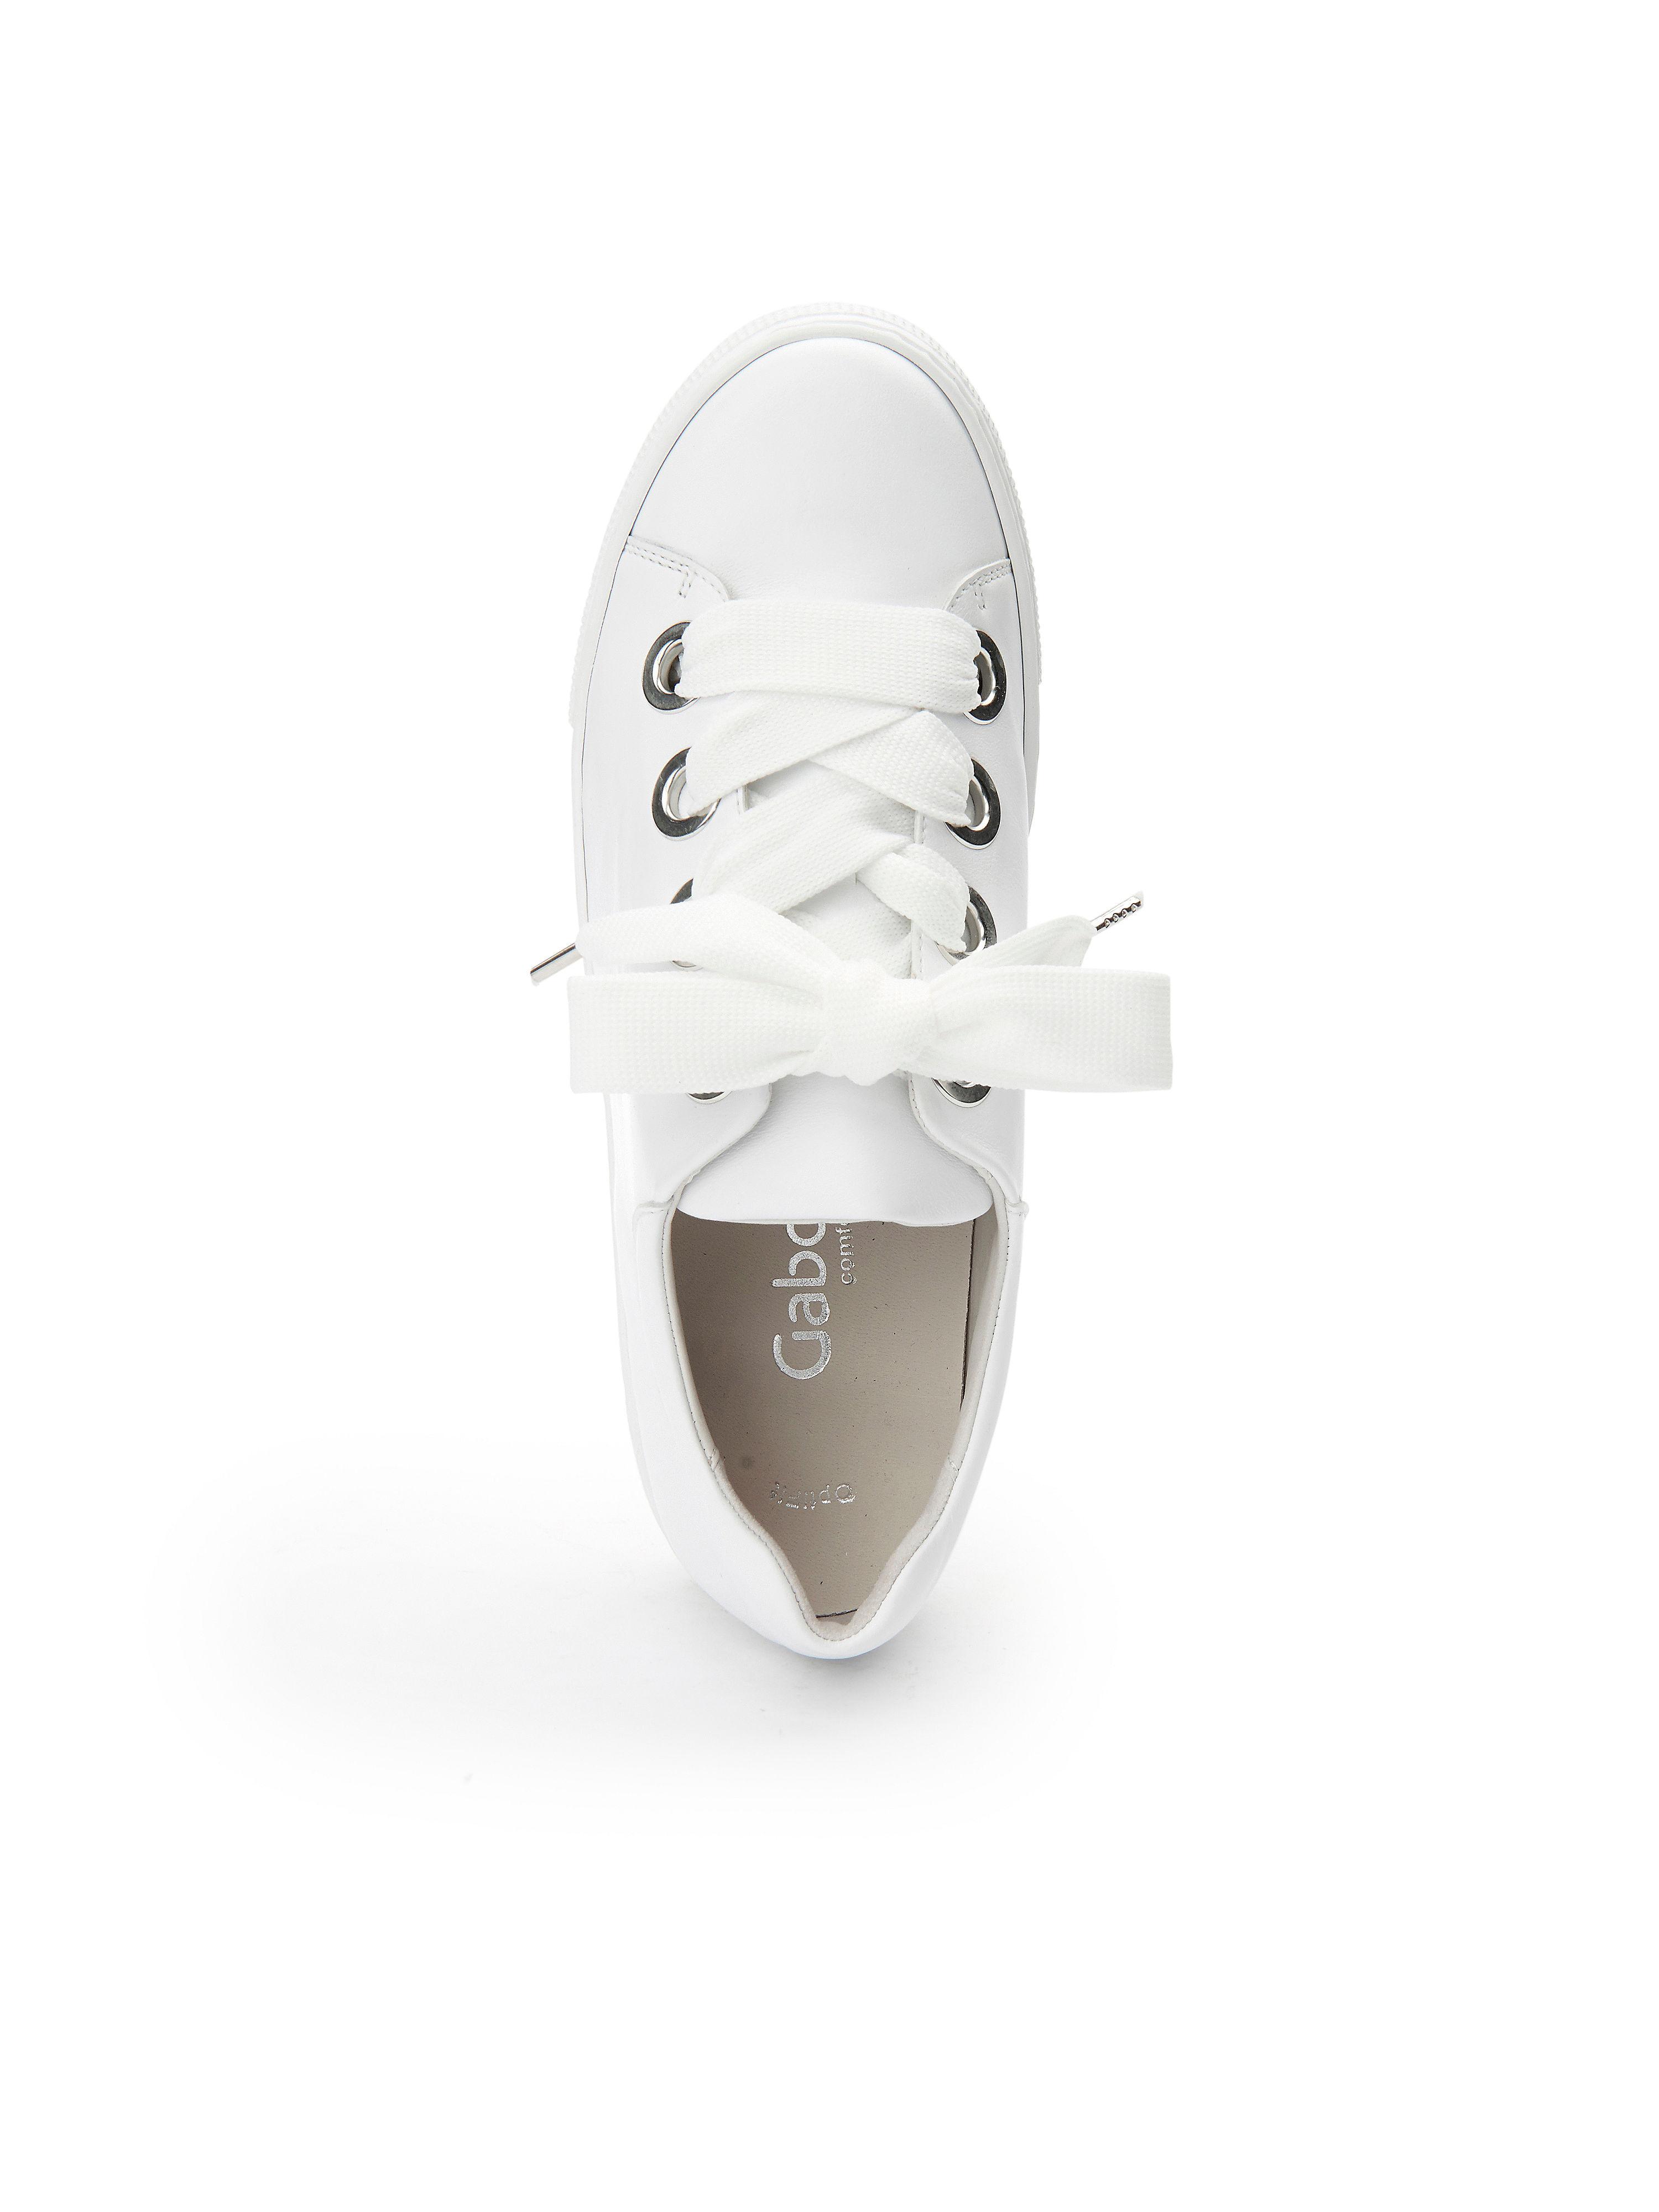 Gabor - Gute Sneaker aus 100% Leder - Weiß Gute - Qualität beliebte Schuhe 87203c